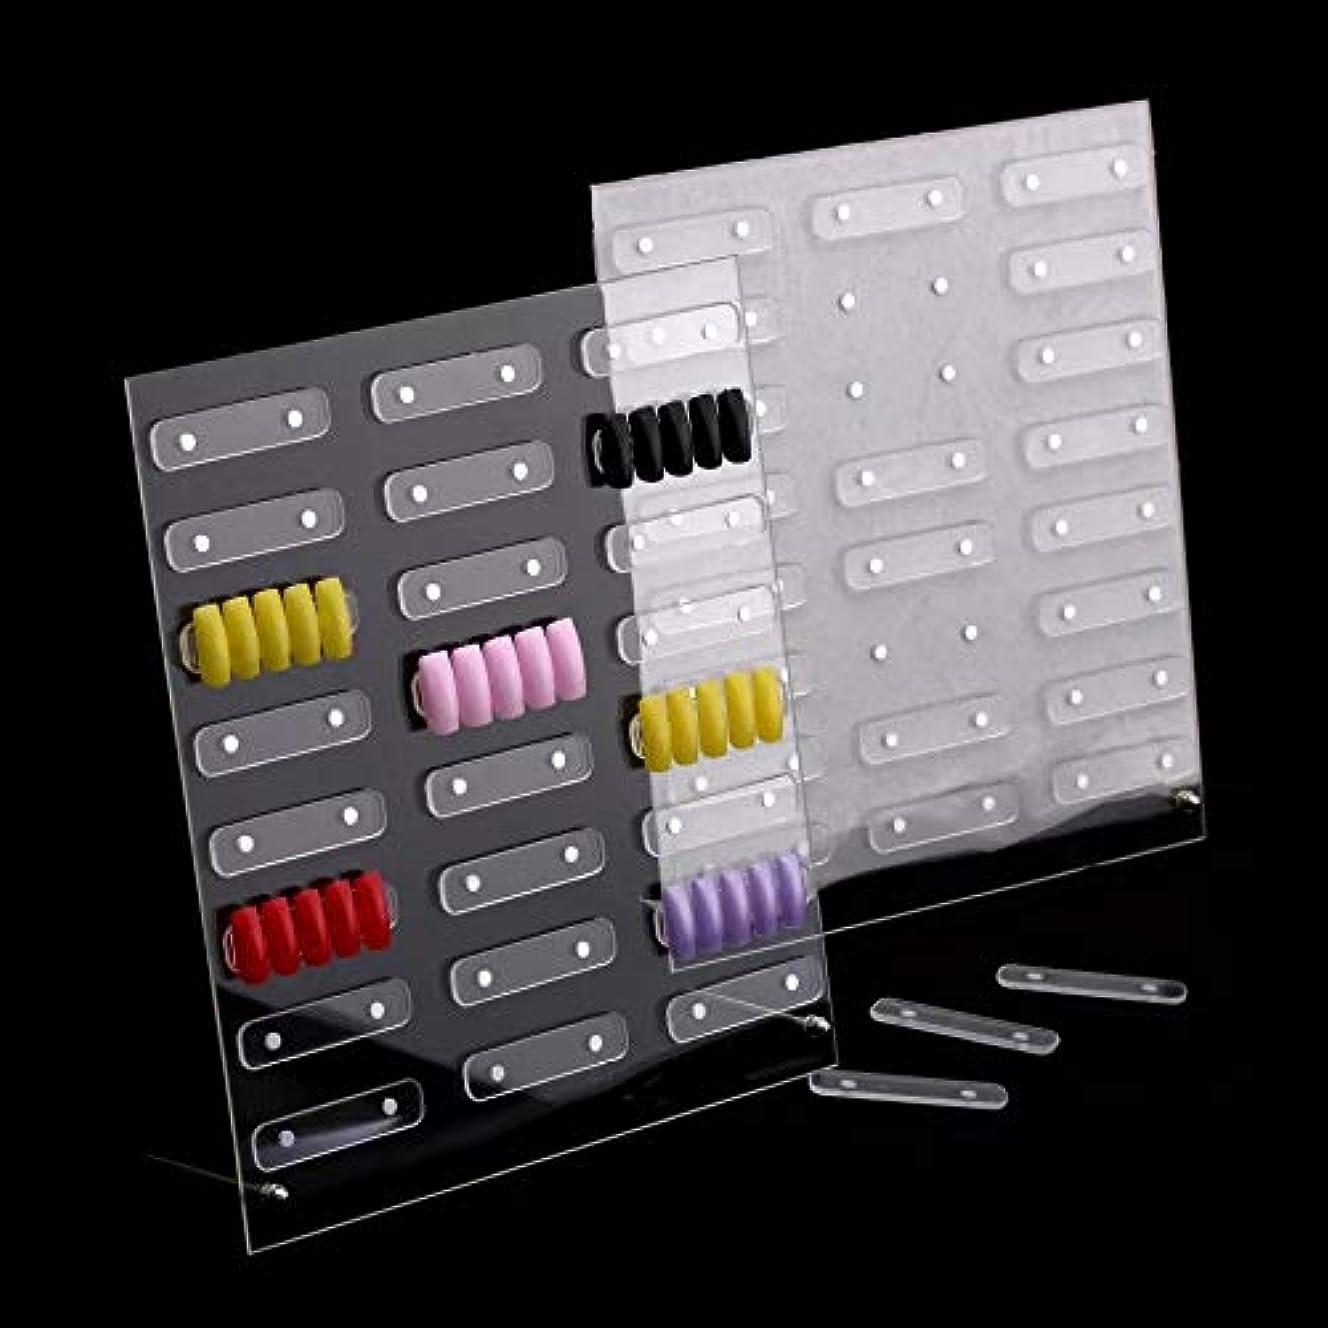 磁石付きネイルサンプルディスプレイボード展示板 大容量24セット設置可能 見本ボード サンプルチップ貼り付け板 入れ替え取り外し簡単ラクラク! (大 (32ピース))